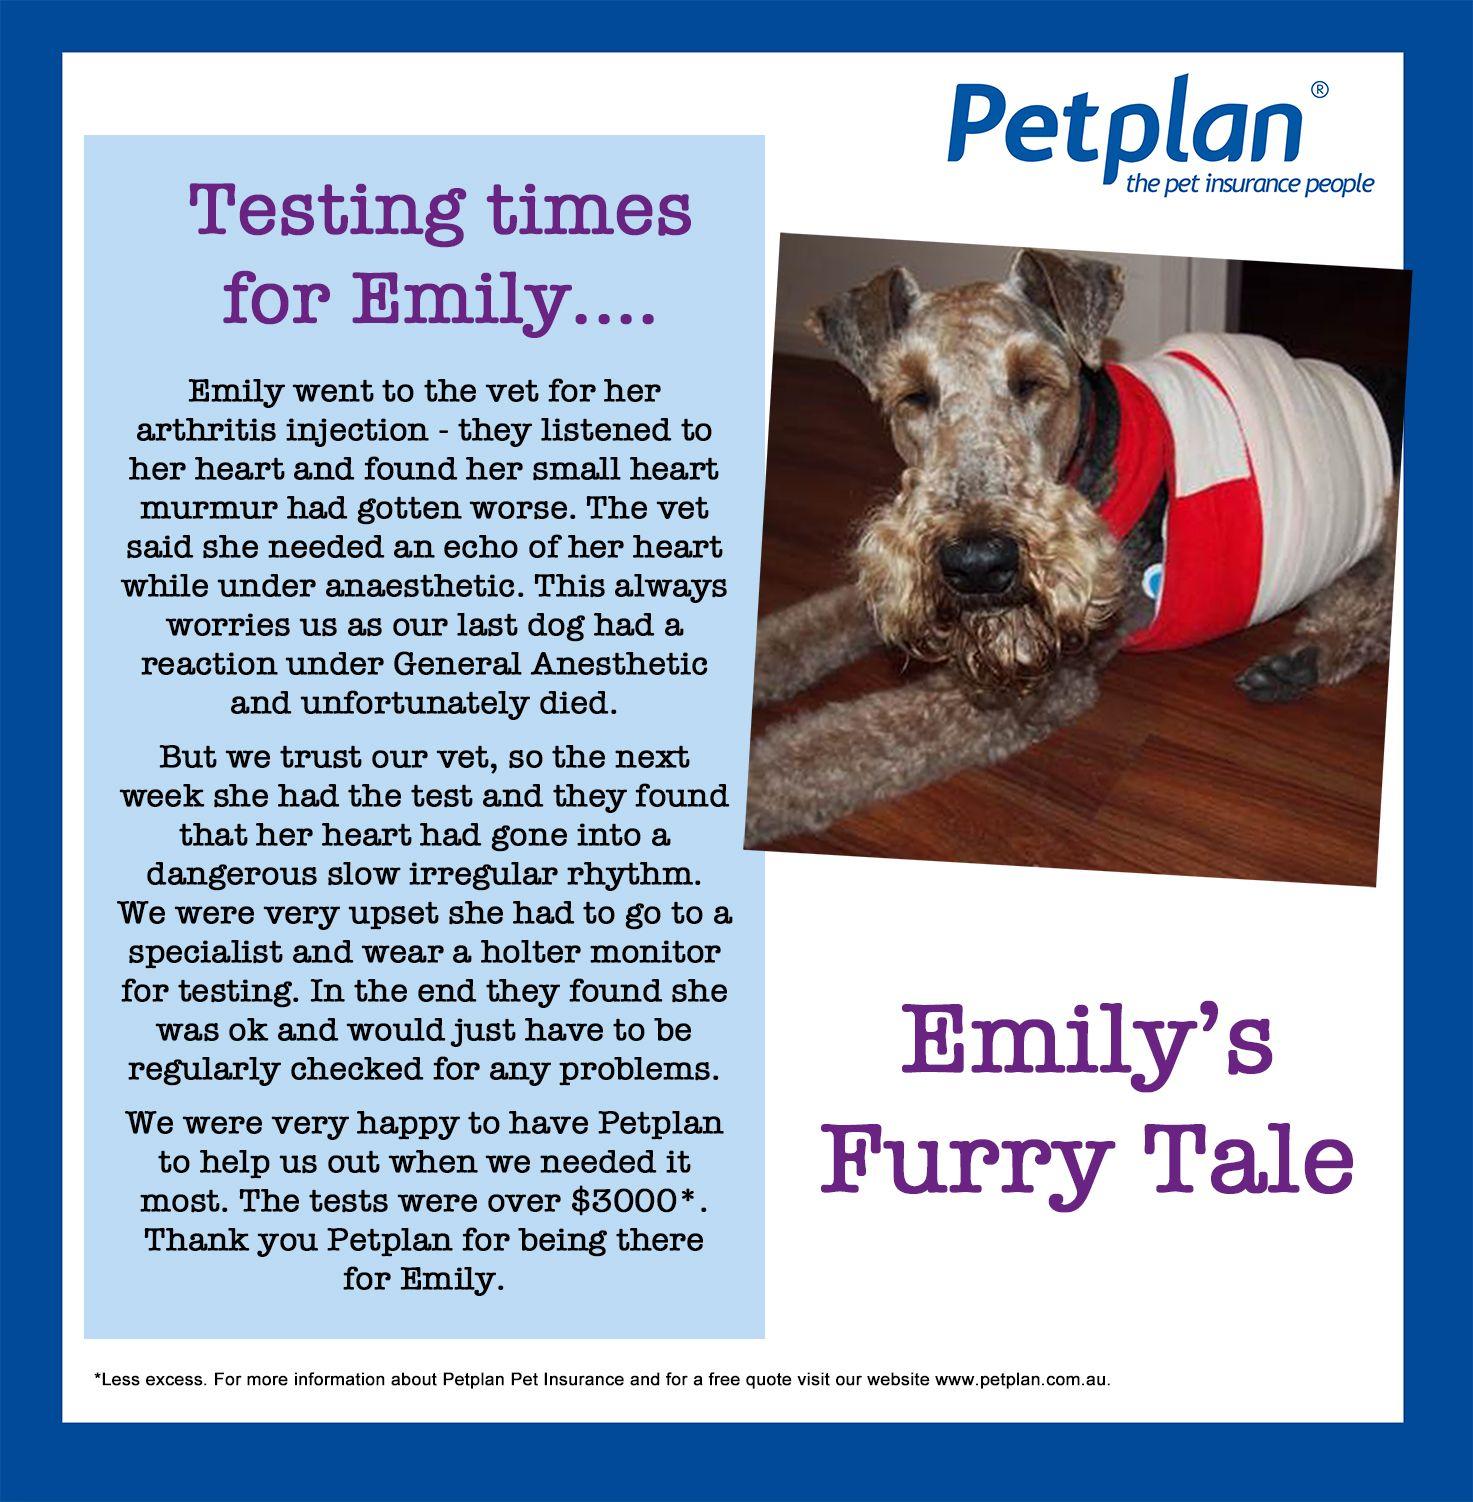 Protect Your Pet With Petplan Pet Insurance Visit Petplan Com Au